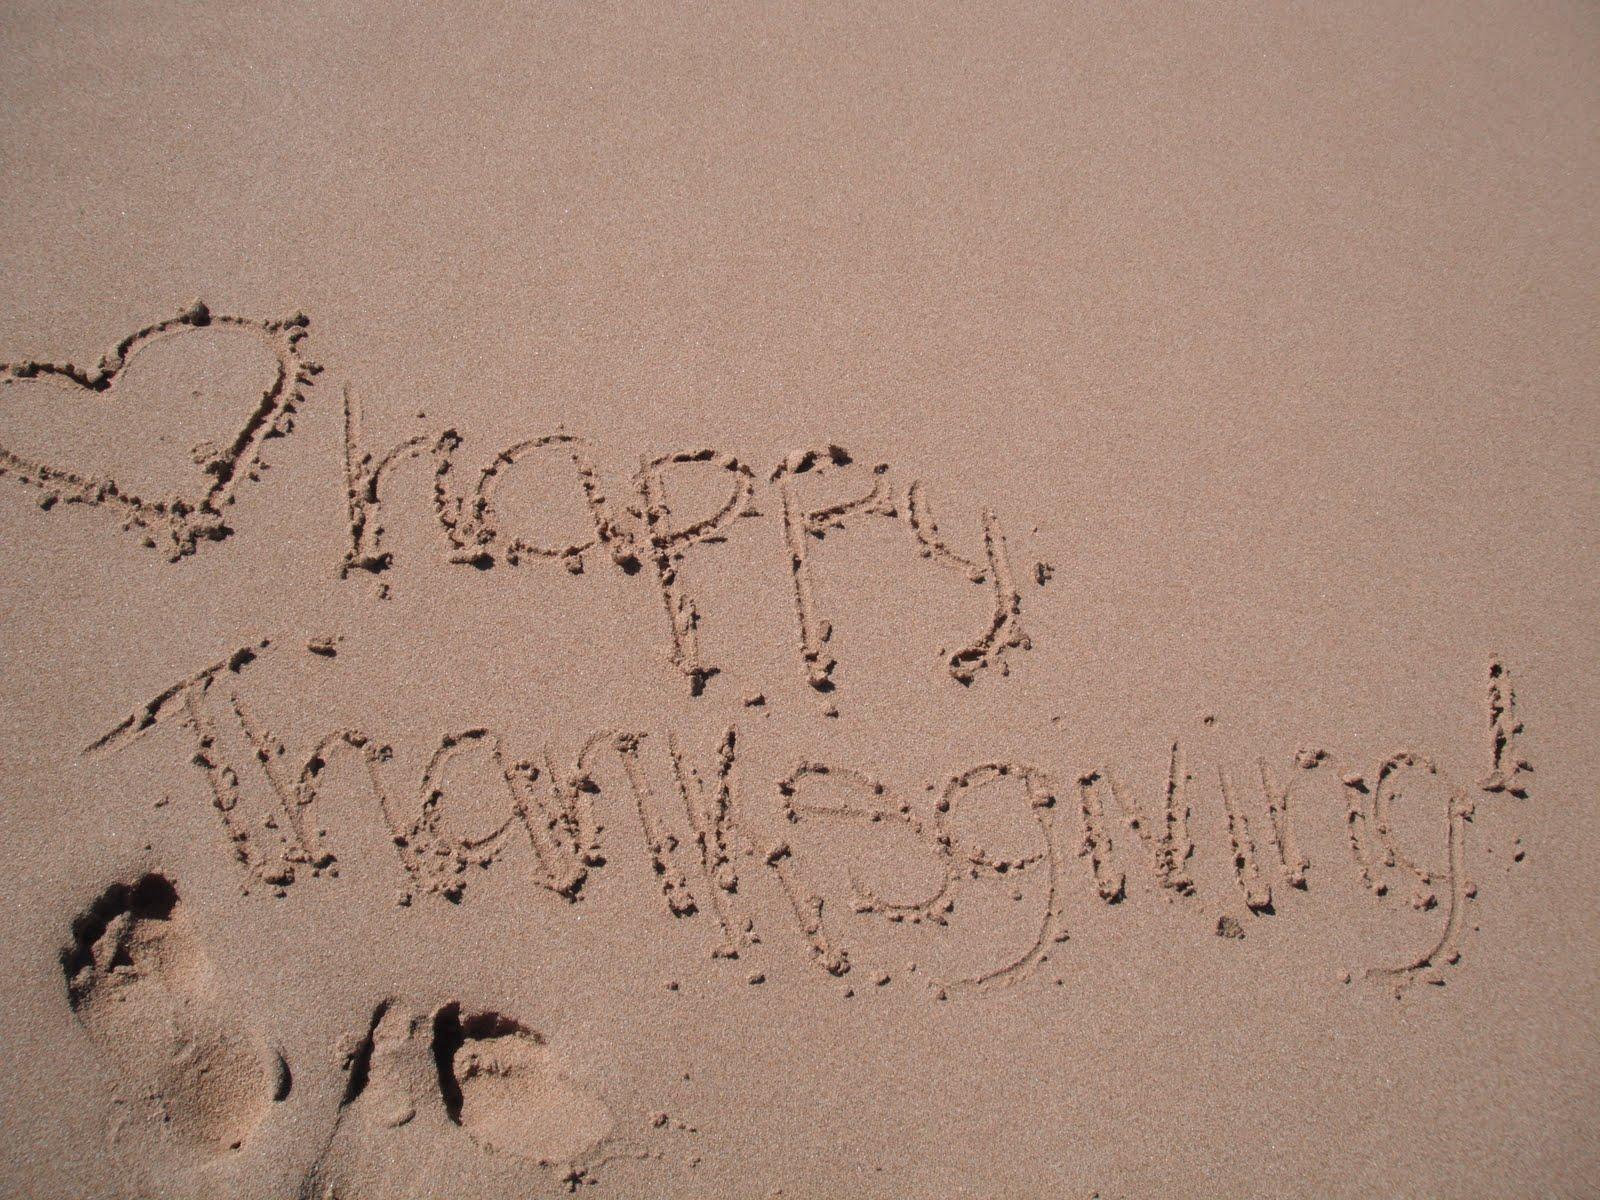 http://4.bp.blogspot.com/-OD9Sj2cXlu4/TdG89xZ7jGI/AAAAAAAAAG8/lZCrQ5qnrS8/s1600/Thanksgiving+2010+023.JPG